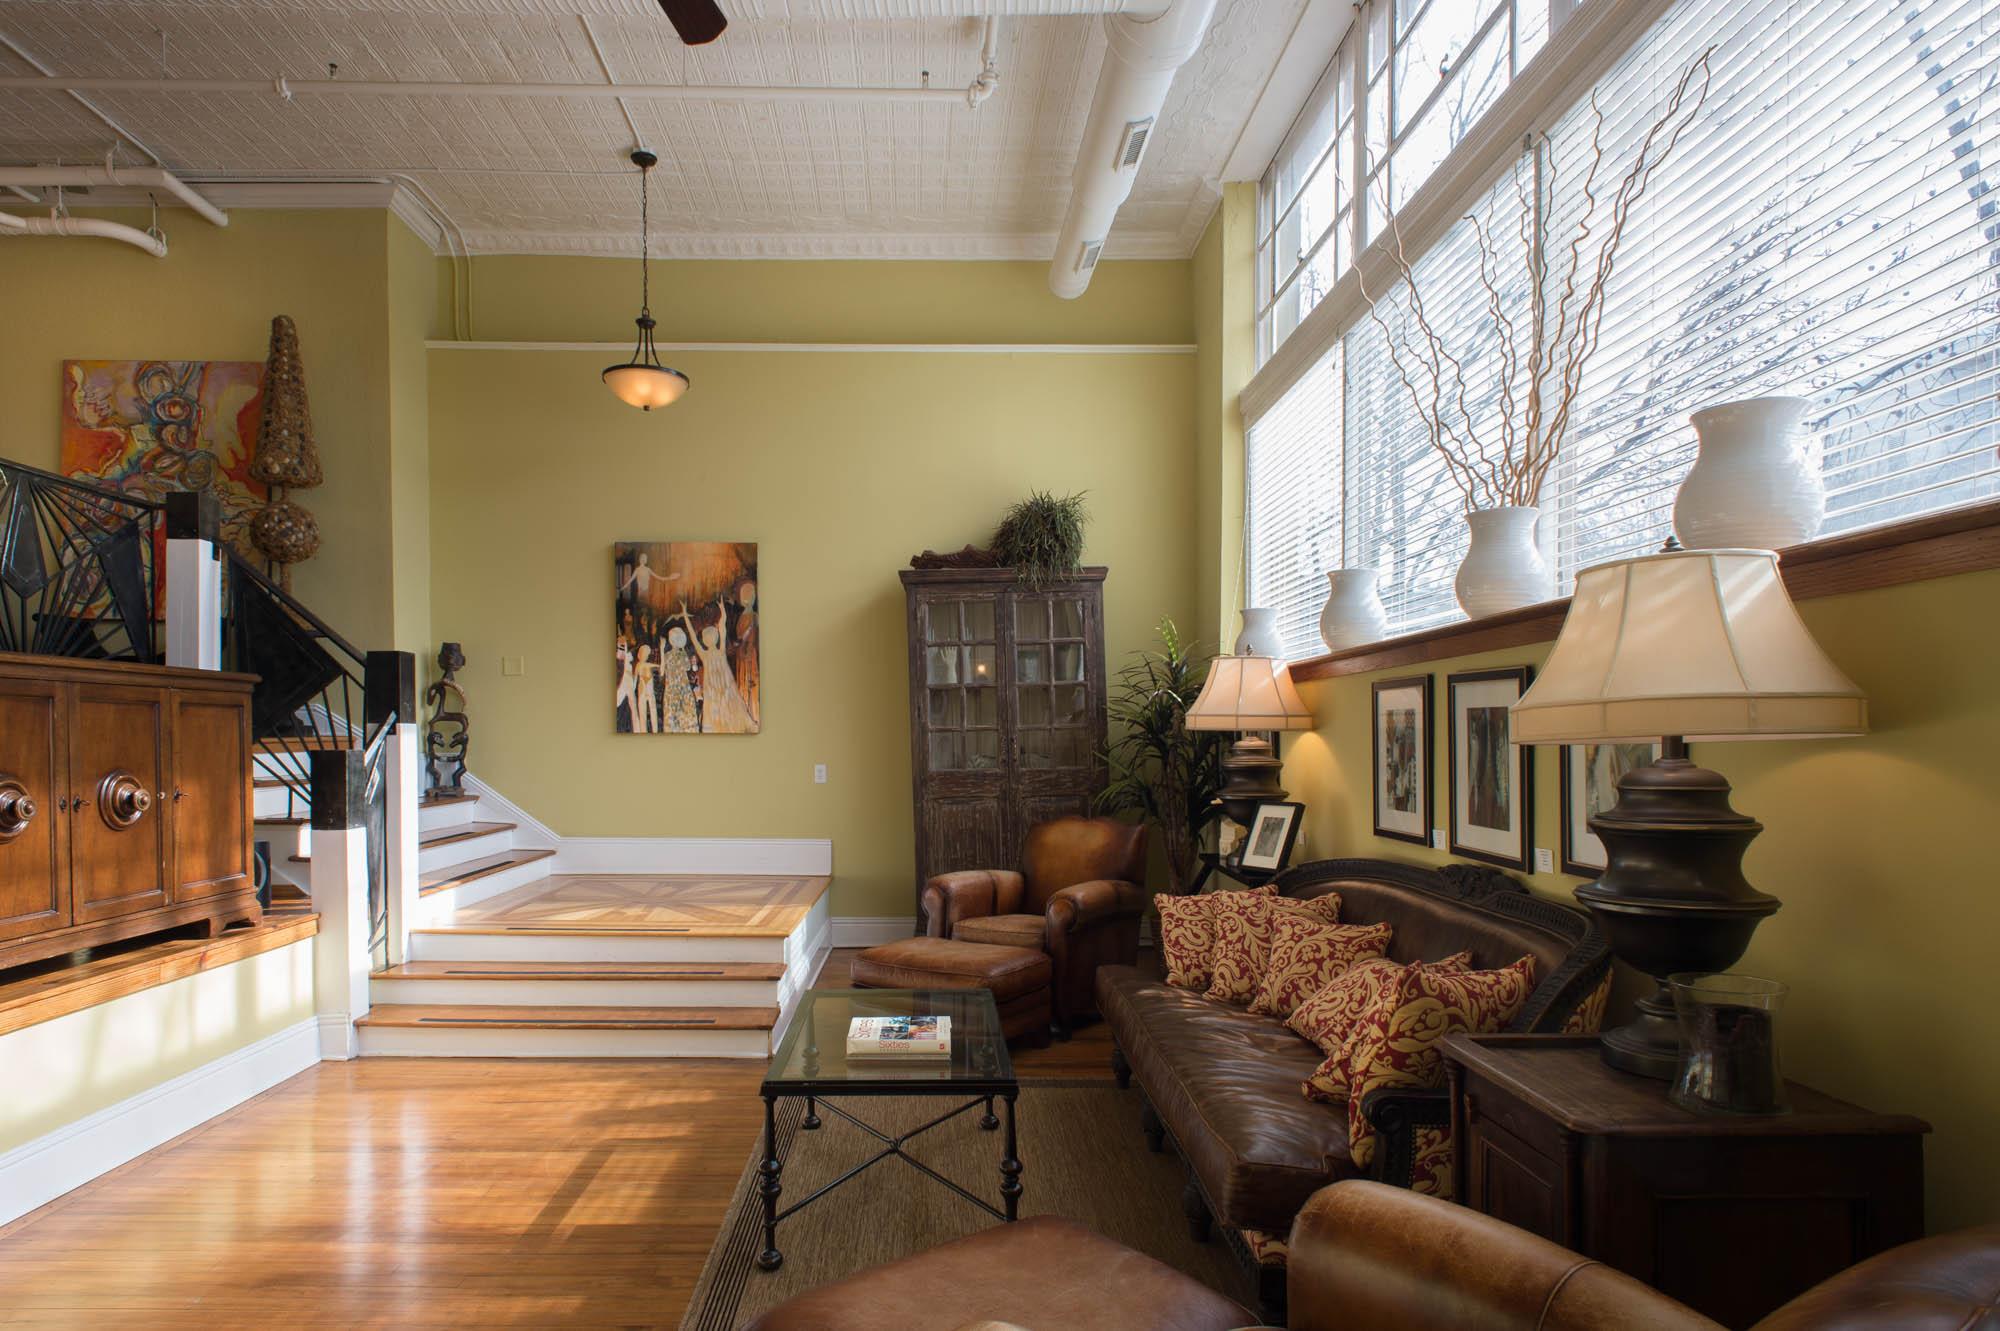 Living Room - Mezzanine